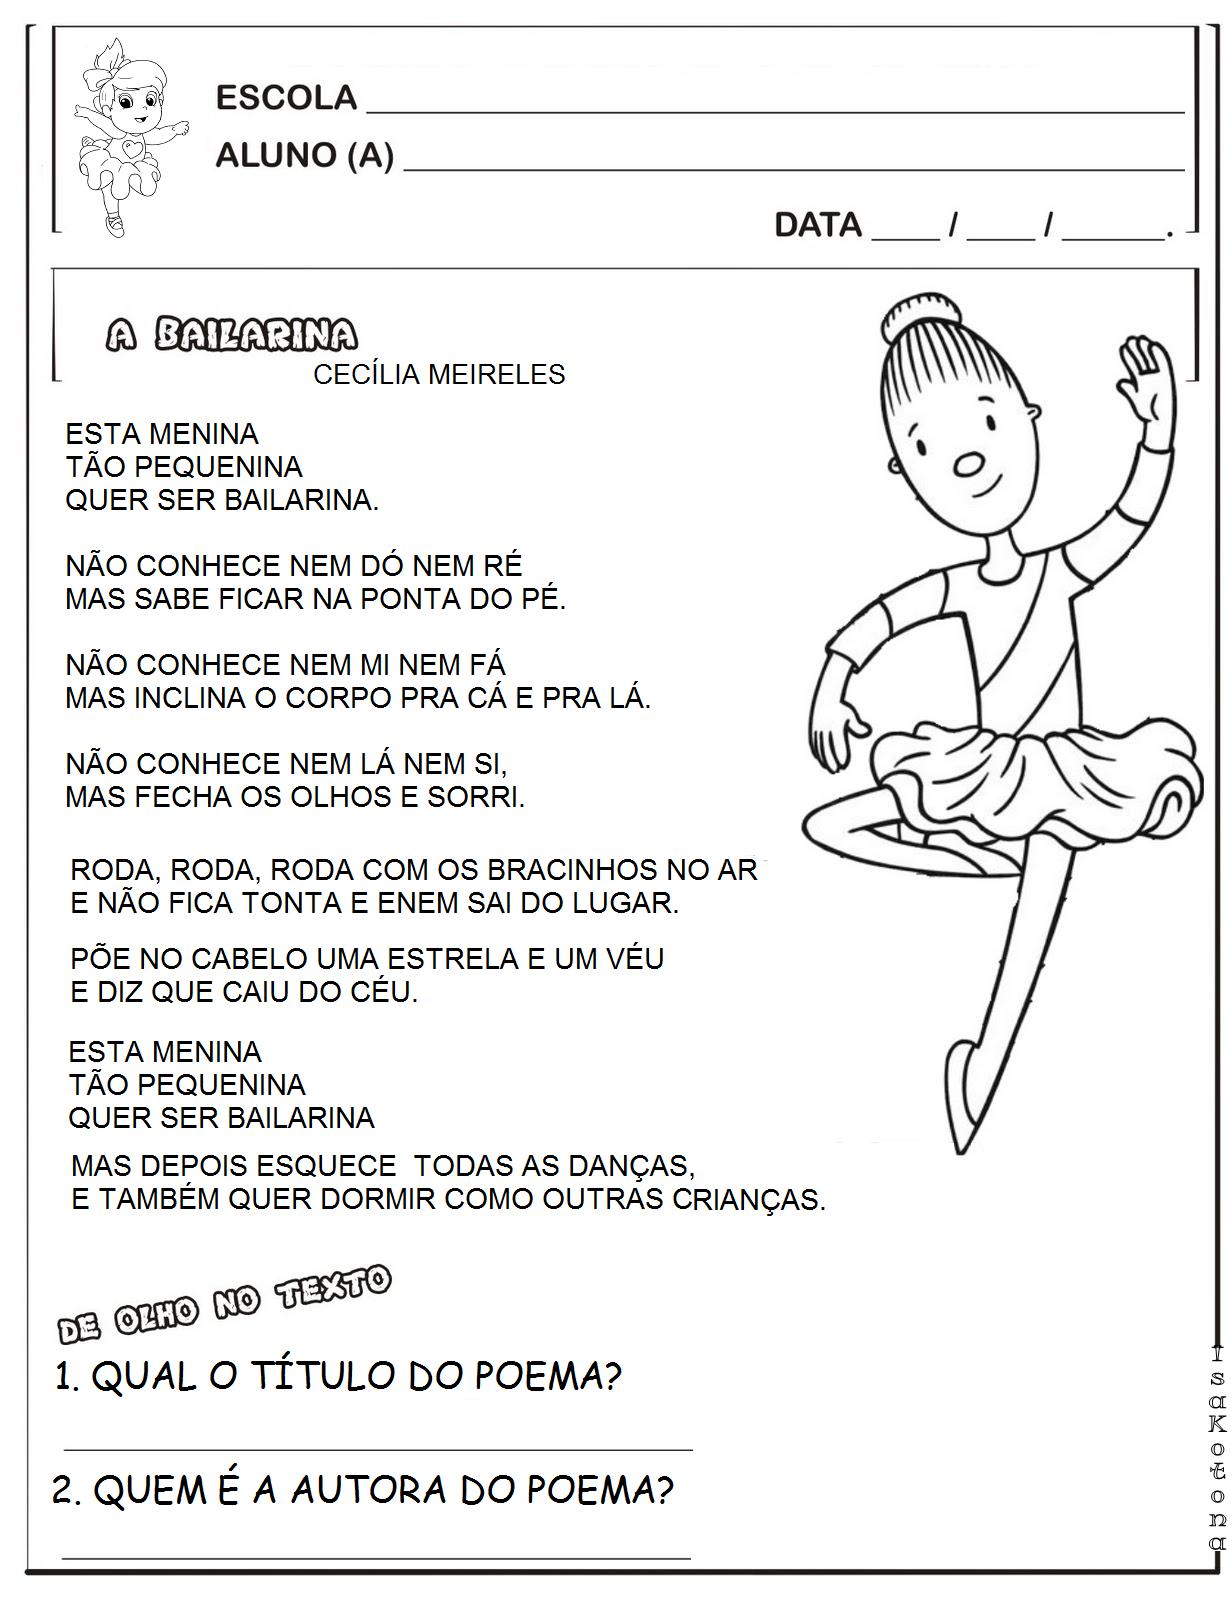 Conhecido Educação infantil facil: A BAILARINA - CECILIA MEIRELES JJ05